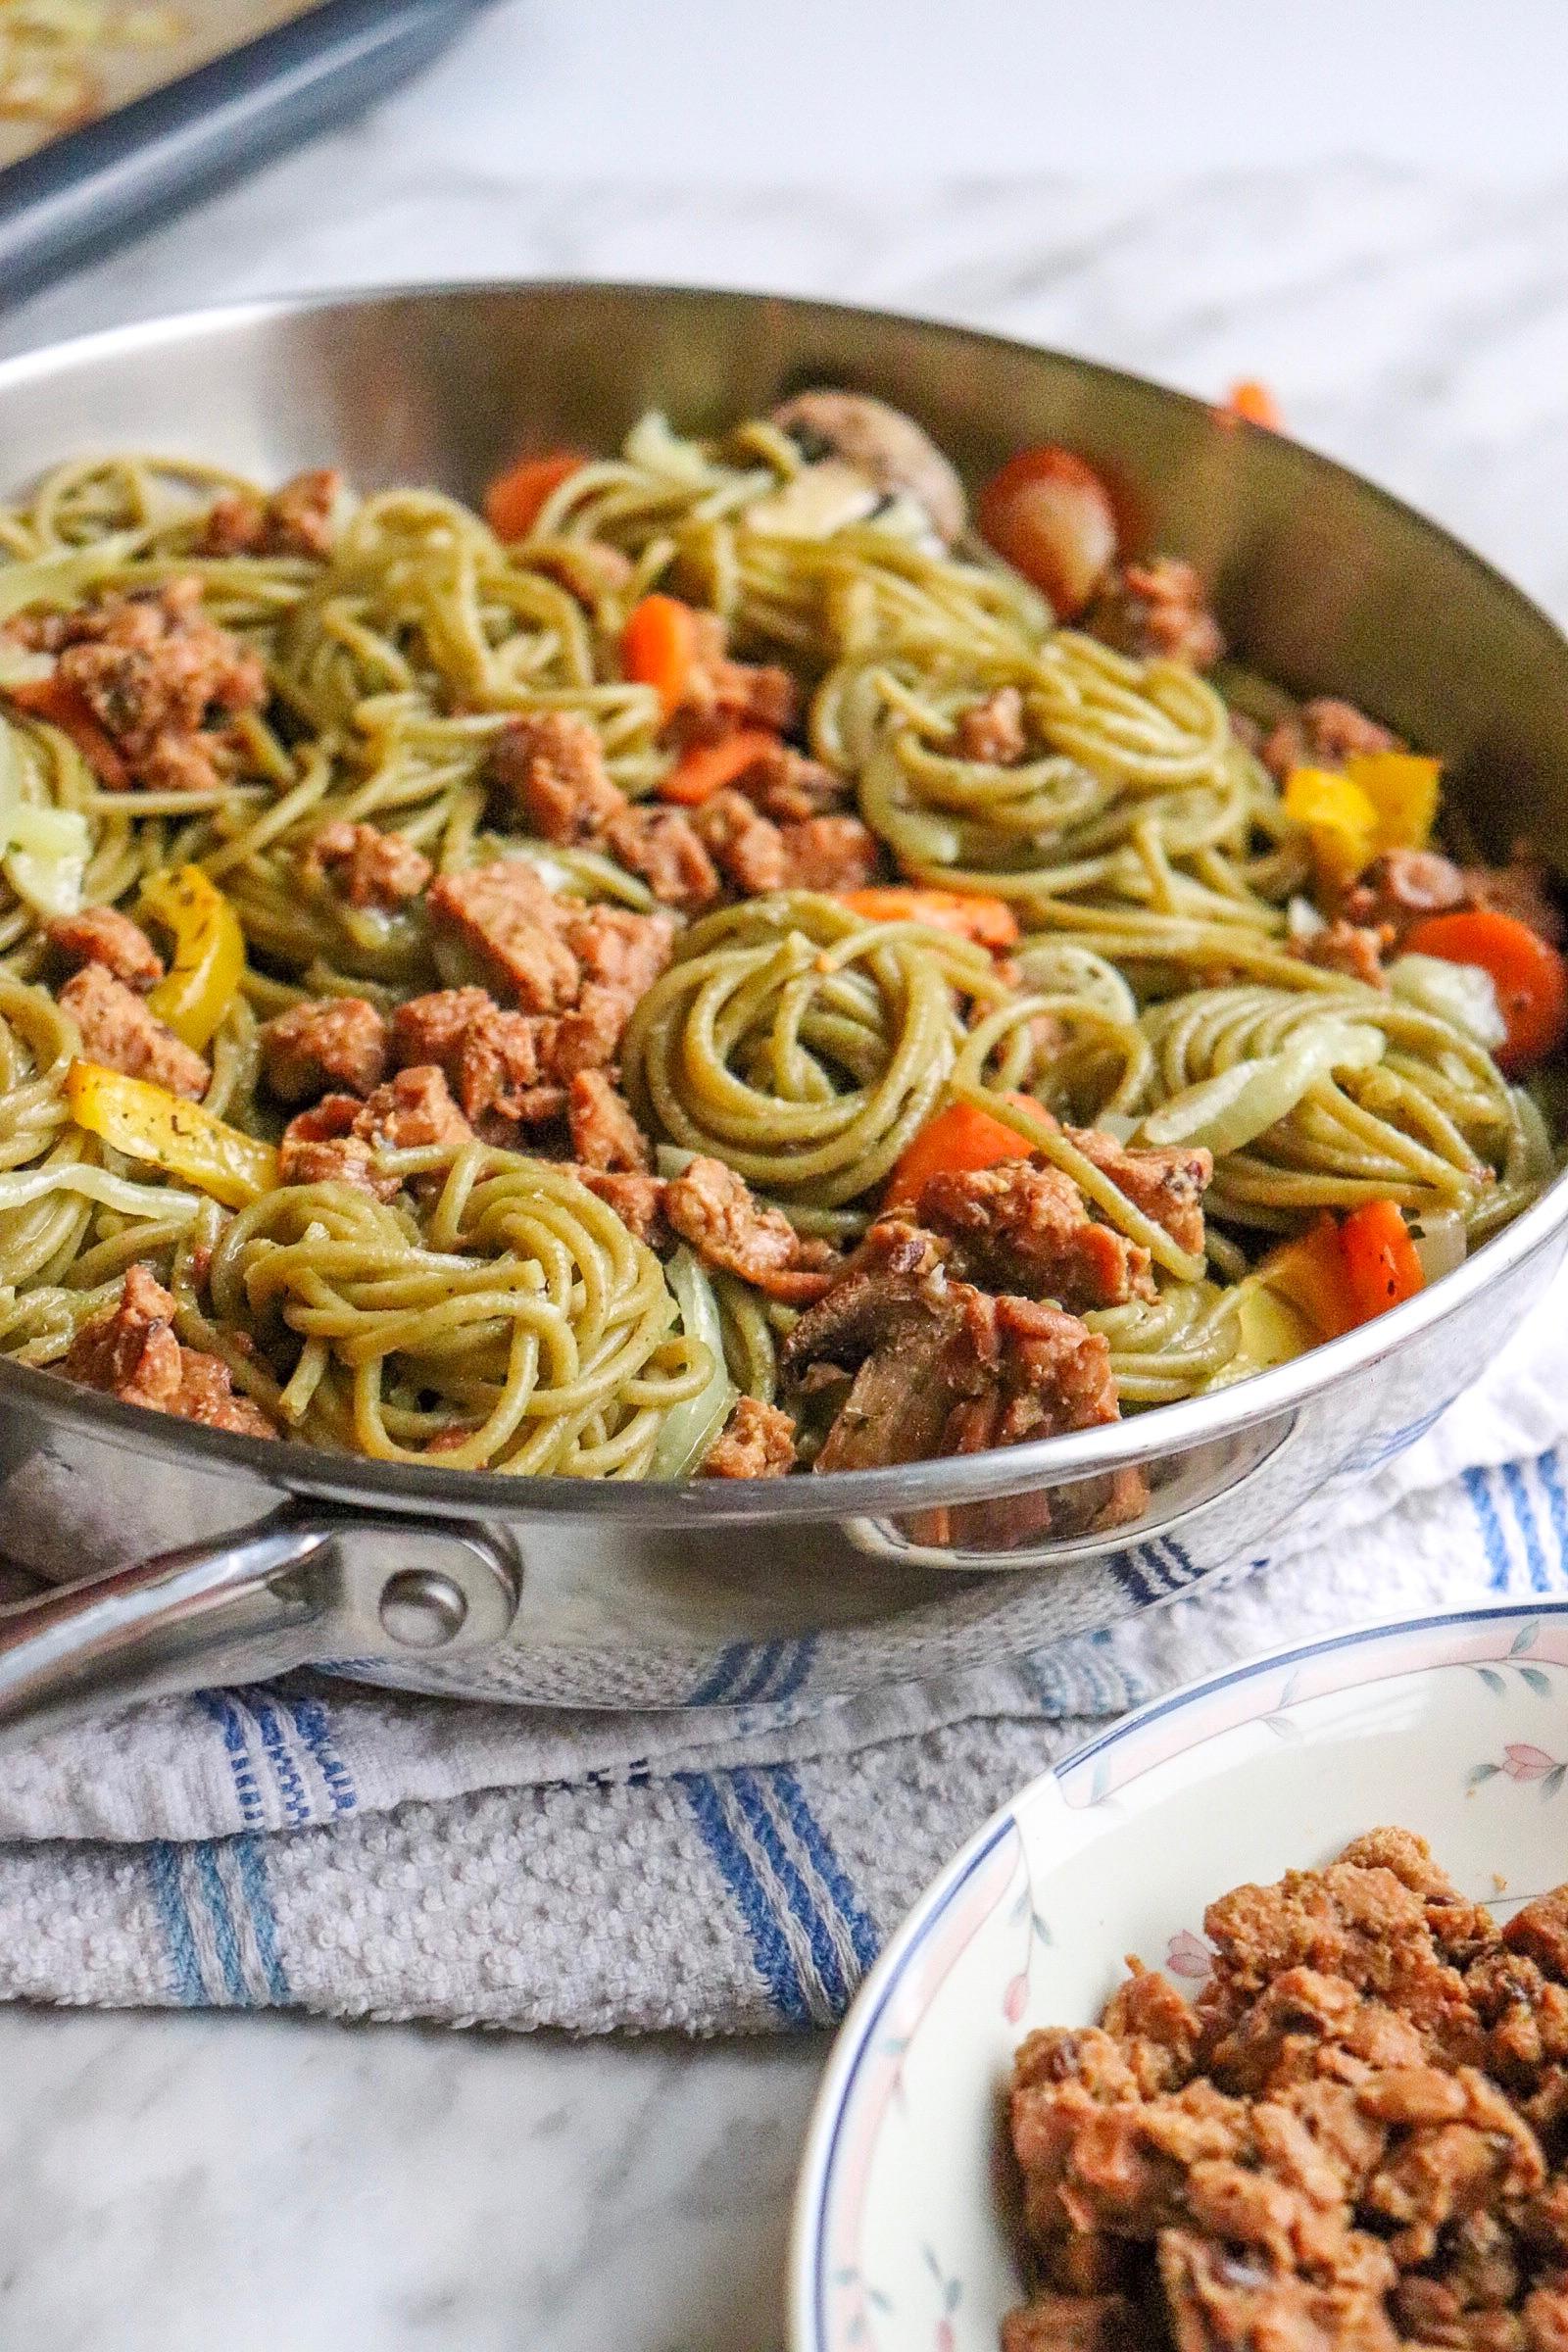 Ici, j'ai tout simplement mit mon tempeh sur des spaghettis de légumes verts avec des légumes (champignons, oignons et poivrons) cuits au four avec de l'huile et des épices italiennes, le tout submergé d'une sauce à base de crème de riz, ail et oignons. Ce fût un vrai délice !